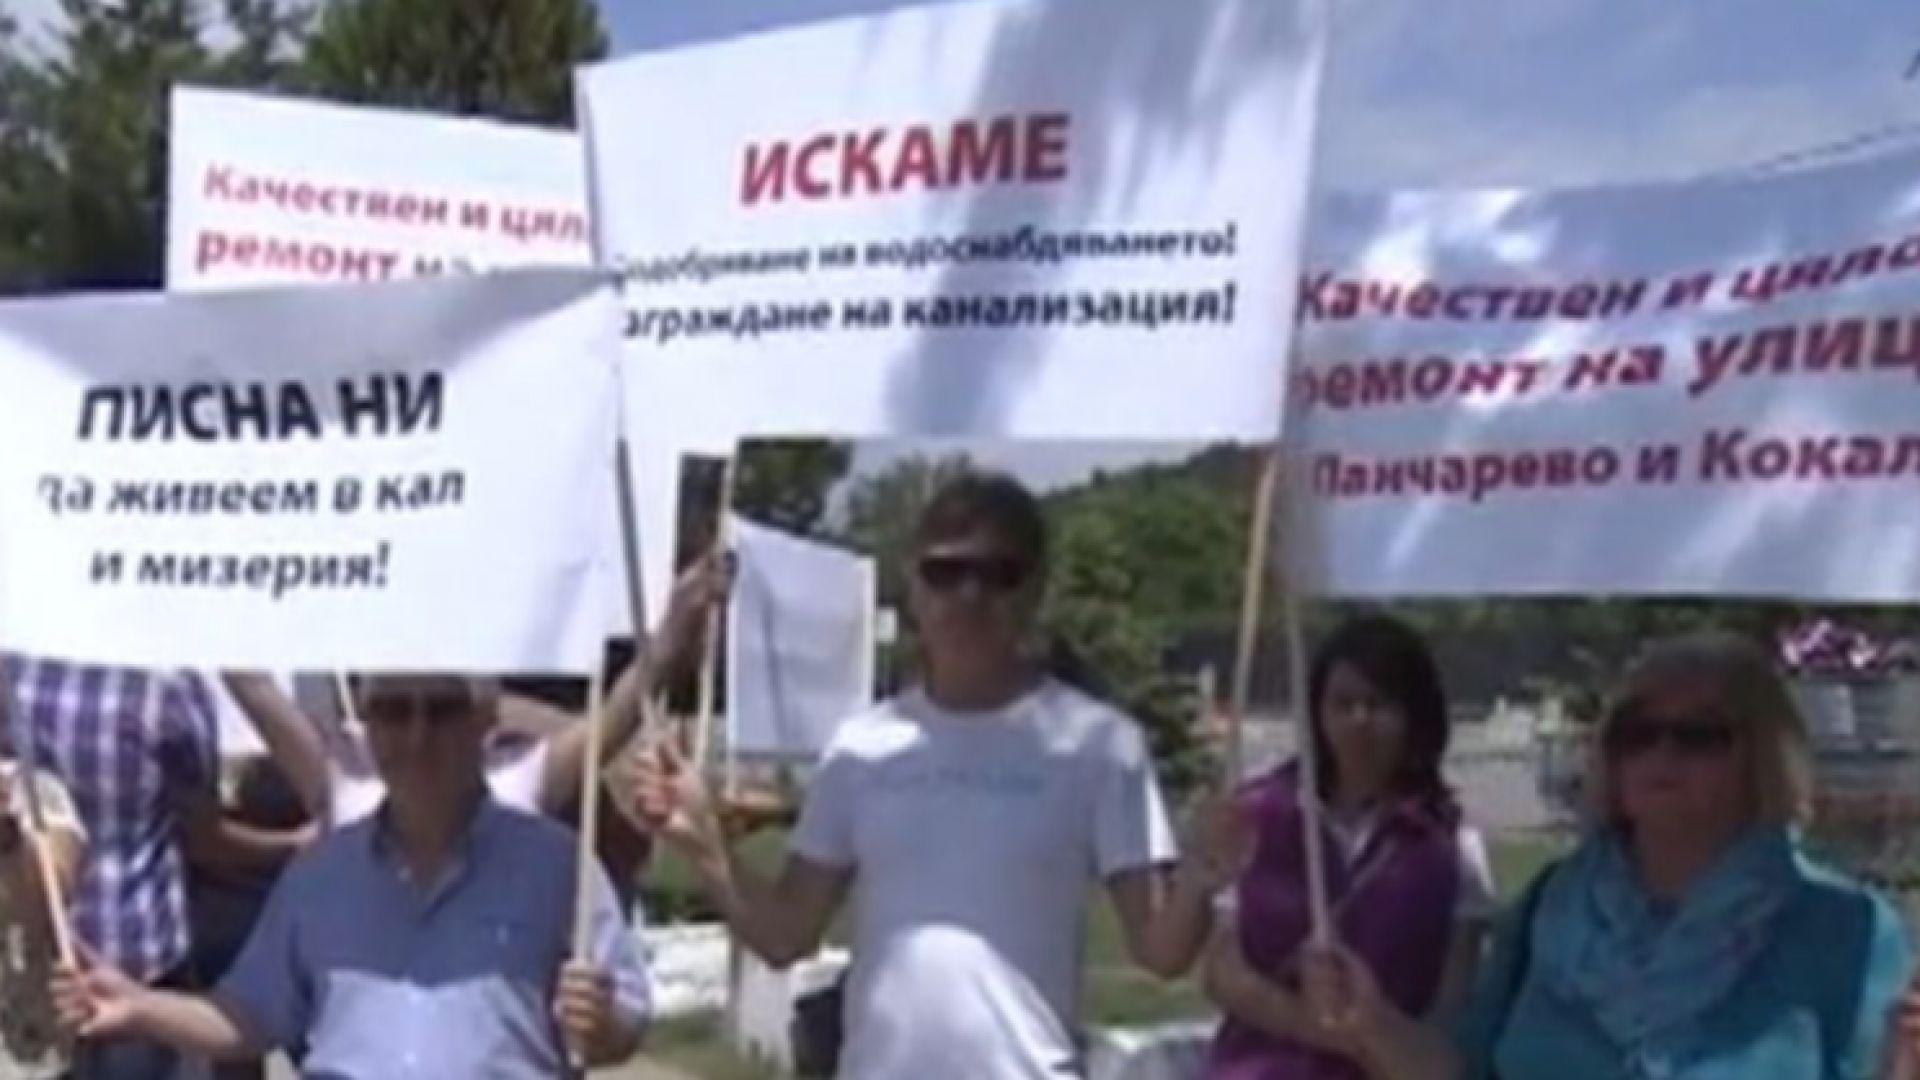 Жители на Панчарево и Кокаляне блокираха Самоковско шосе